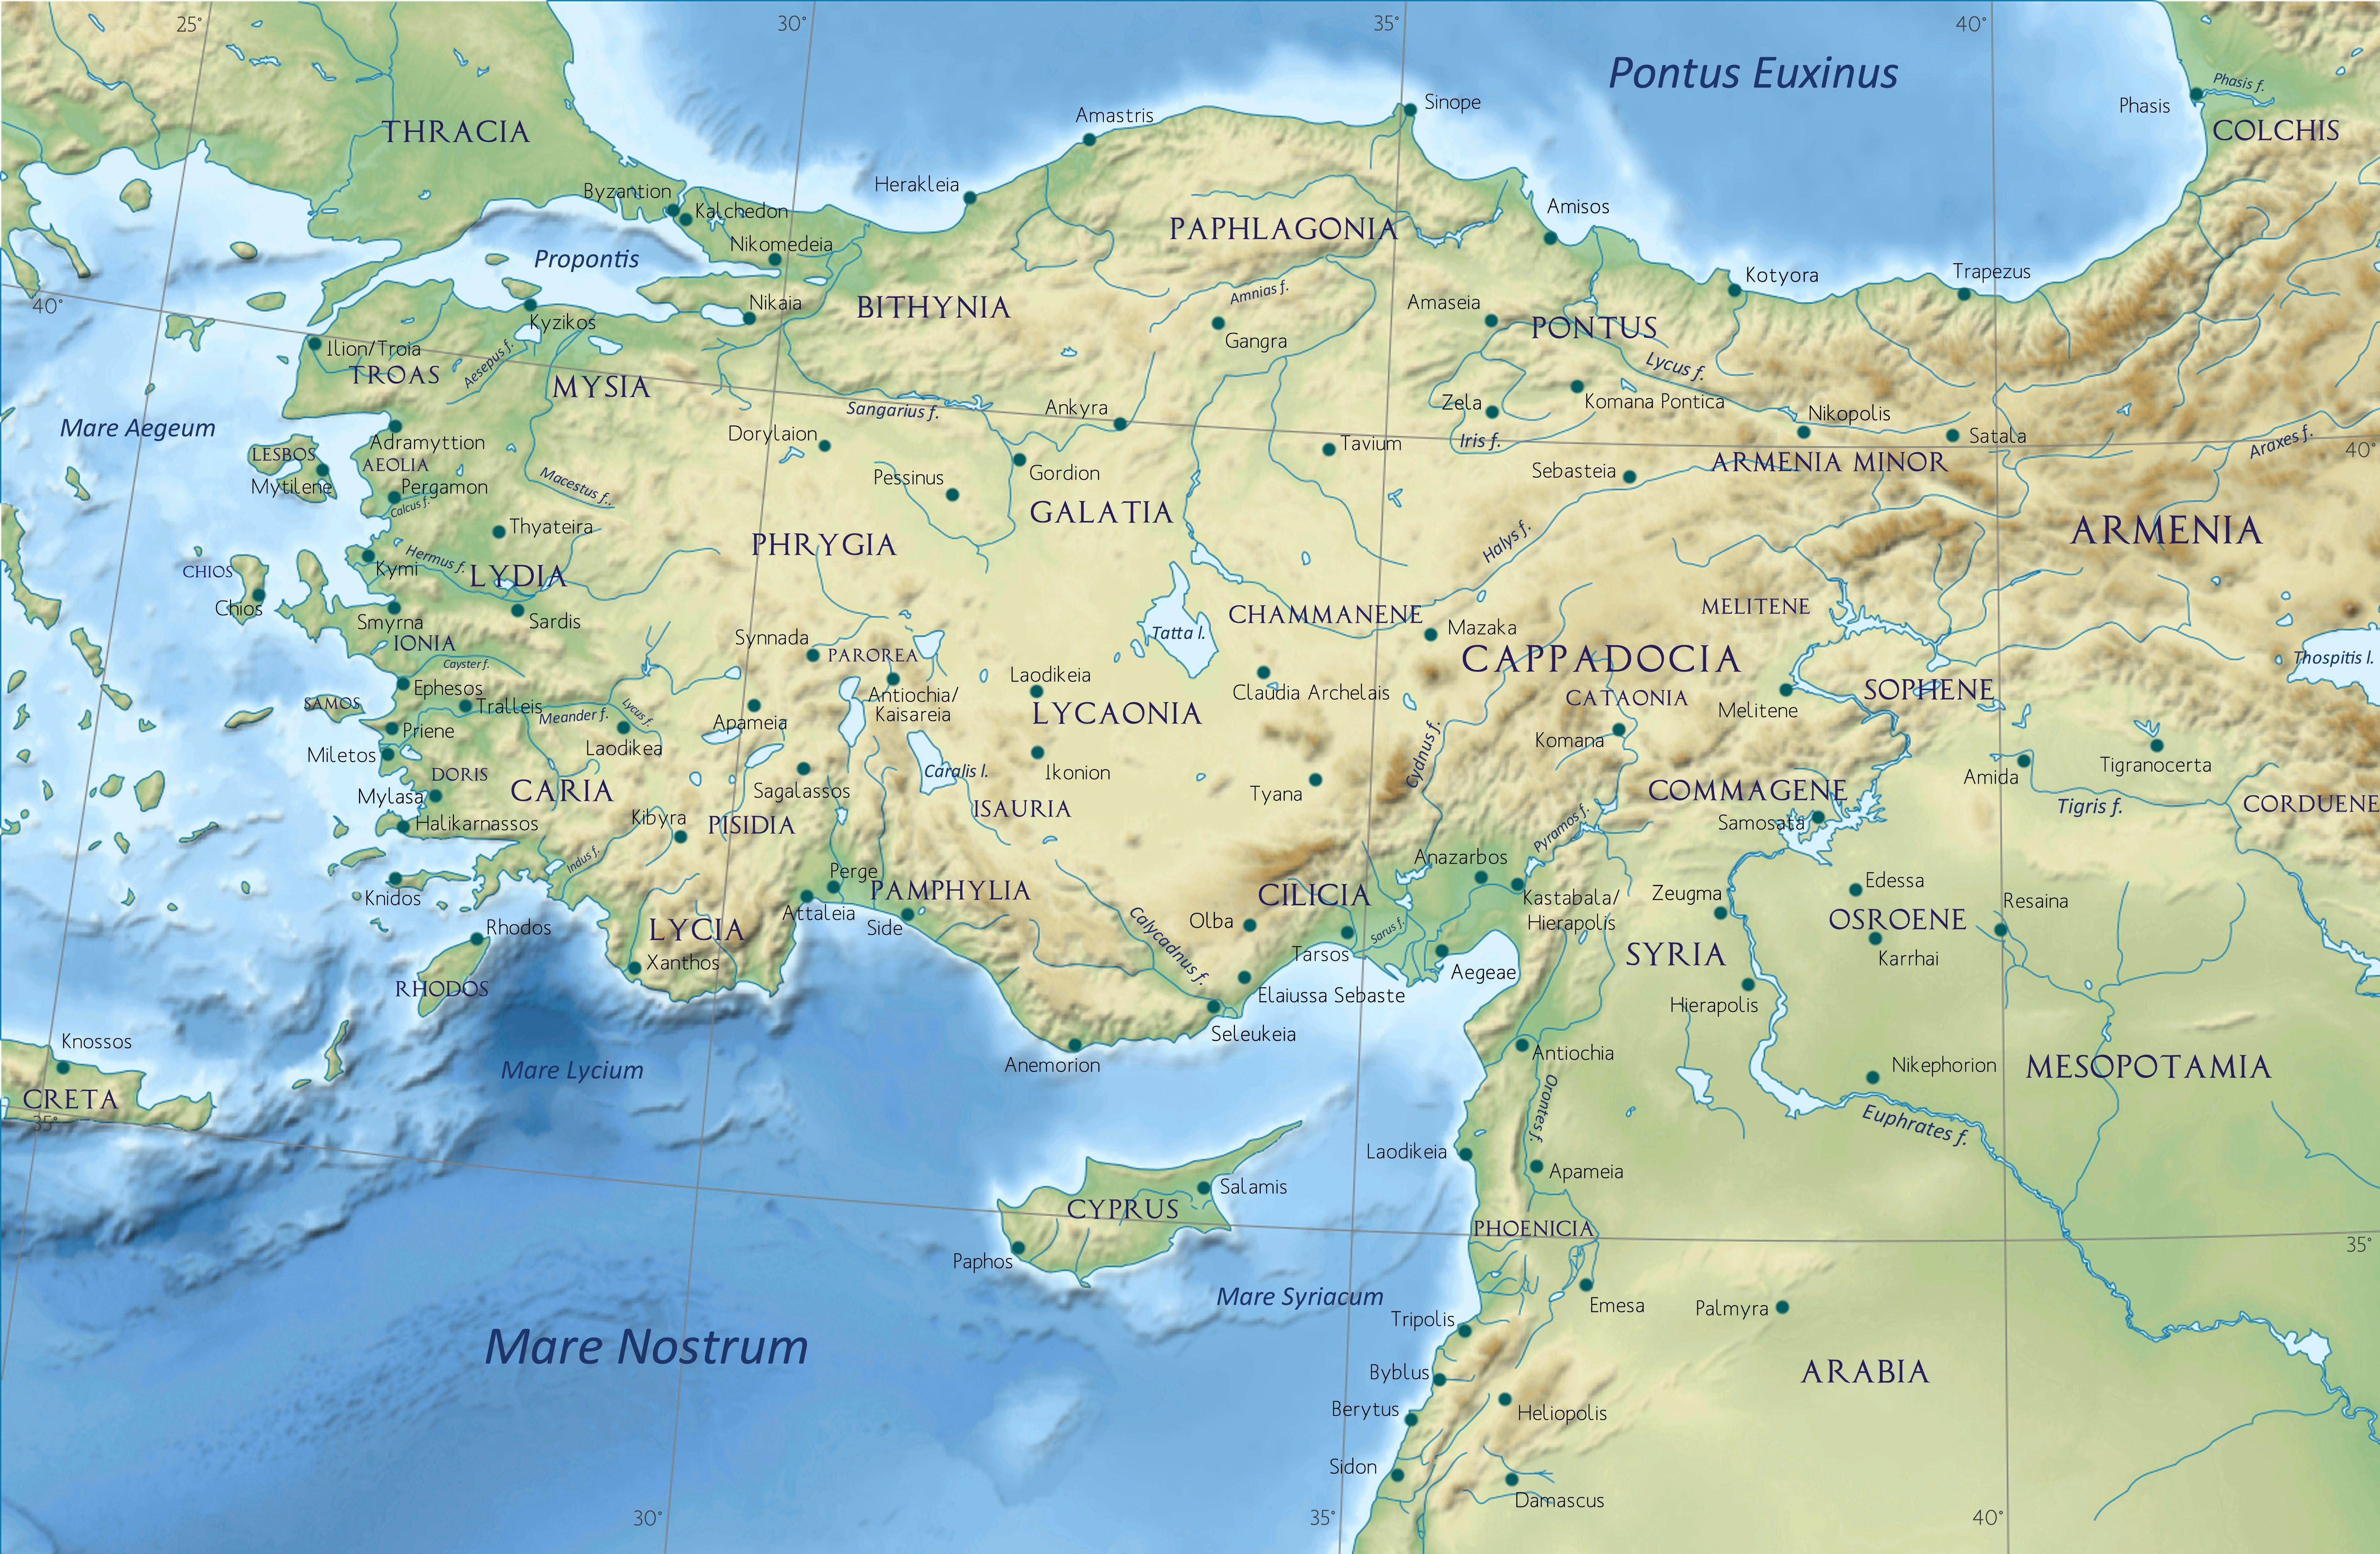 Asia Minor in the Greco Roman period